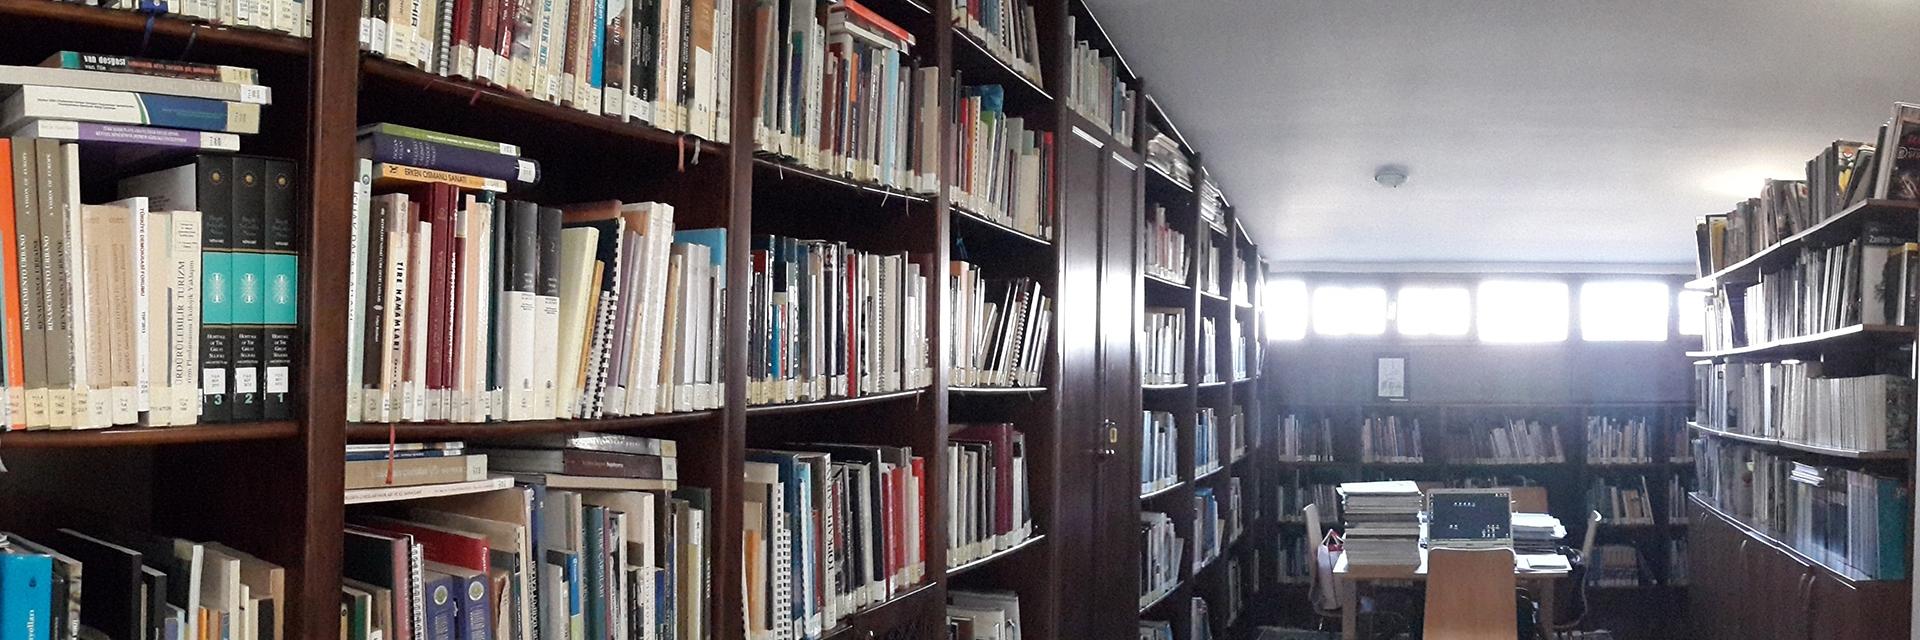 2018 yılında Bilgi Belge Merkezinde 1000 kitap daha!